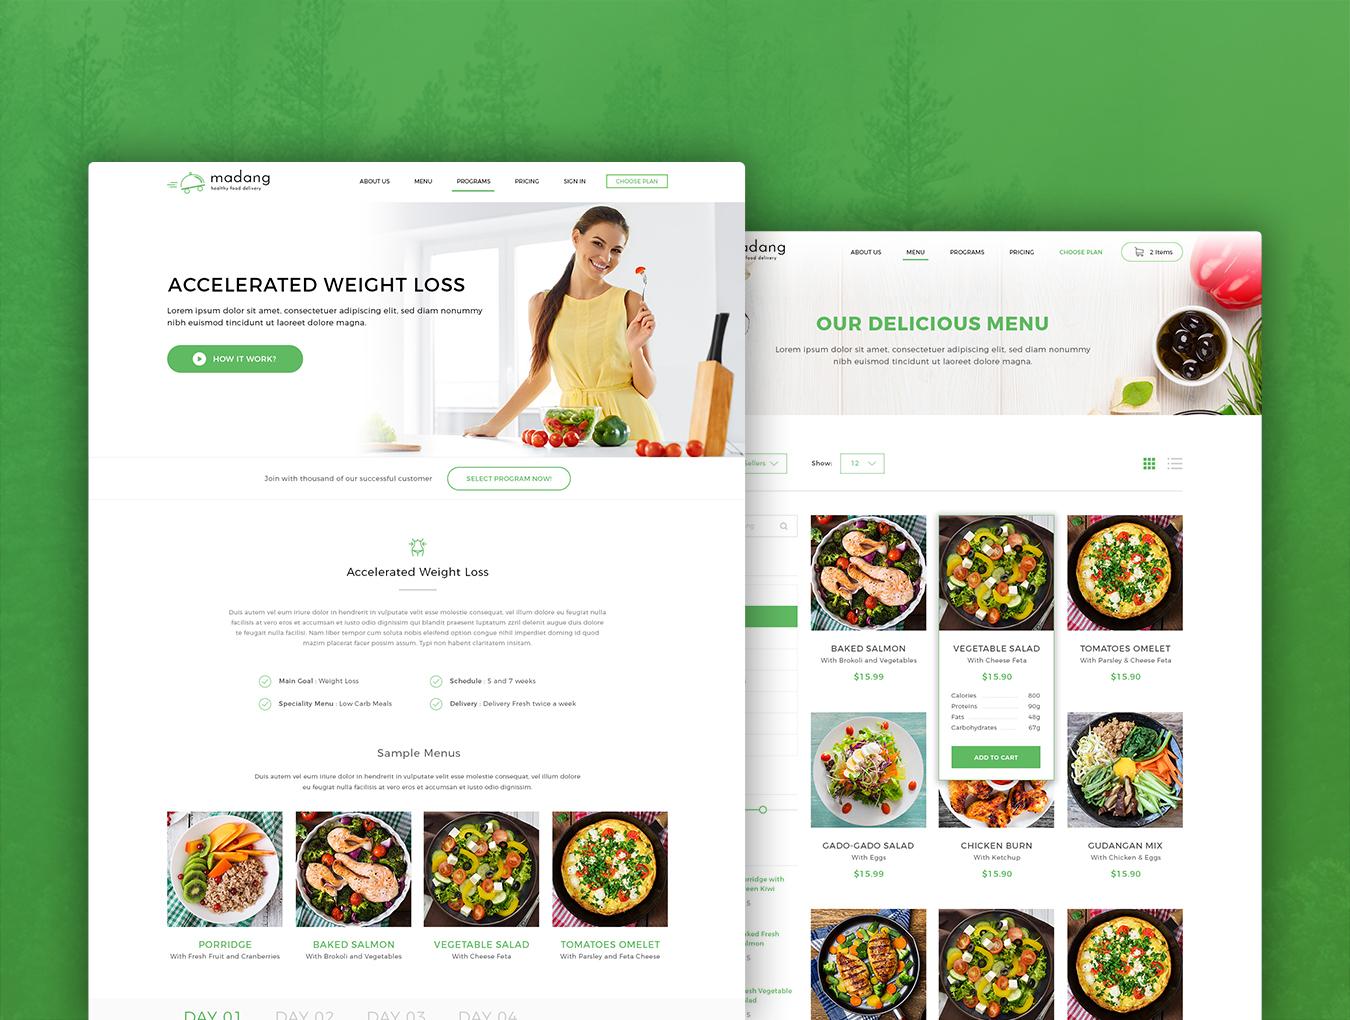 完整的美食健康快递类网页模板素材.psd素材下载 网页模板-第4张